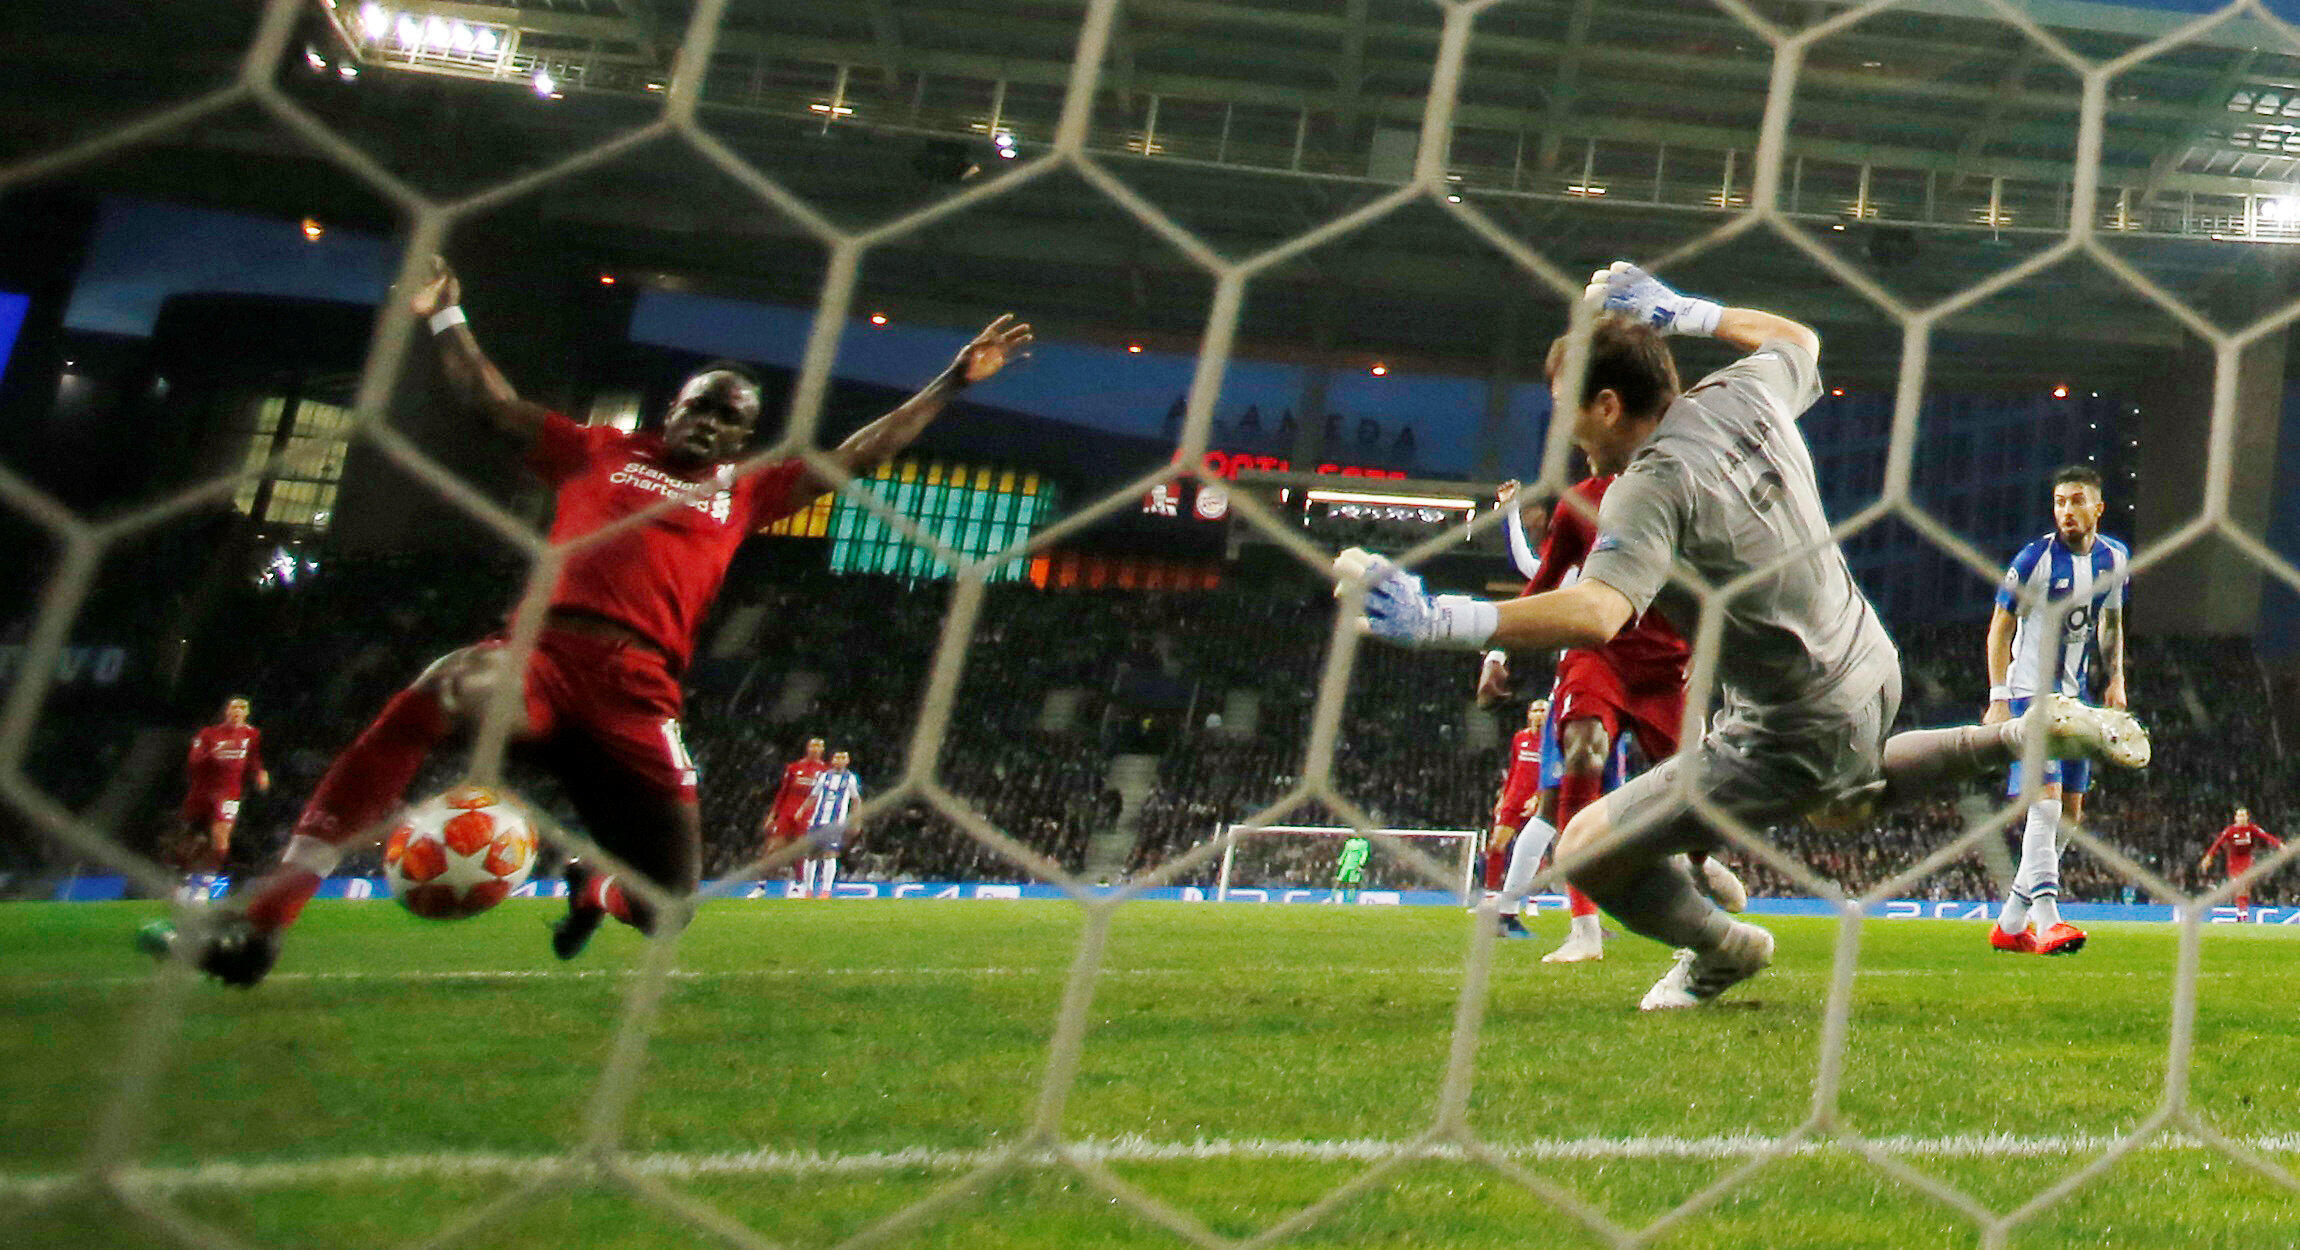 Le Sénégalais Sadio Mané buteur face au FC Porto d'Iker Casillas.